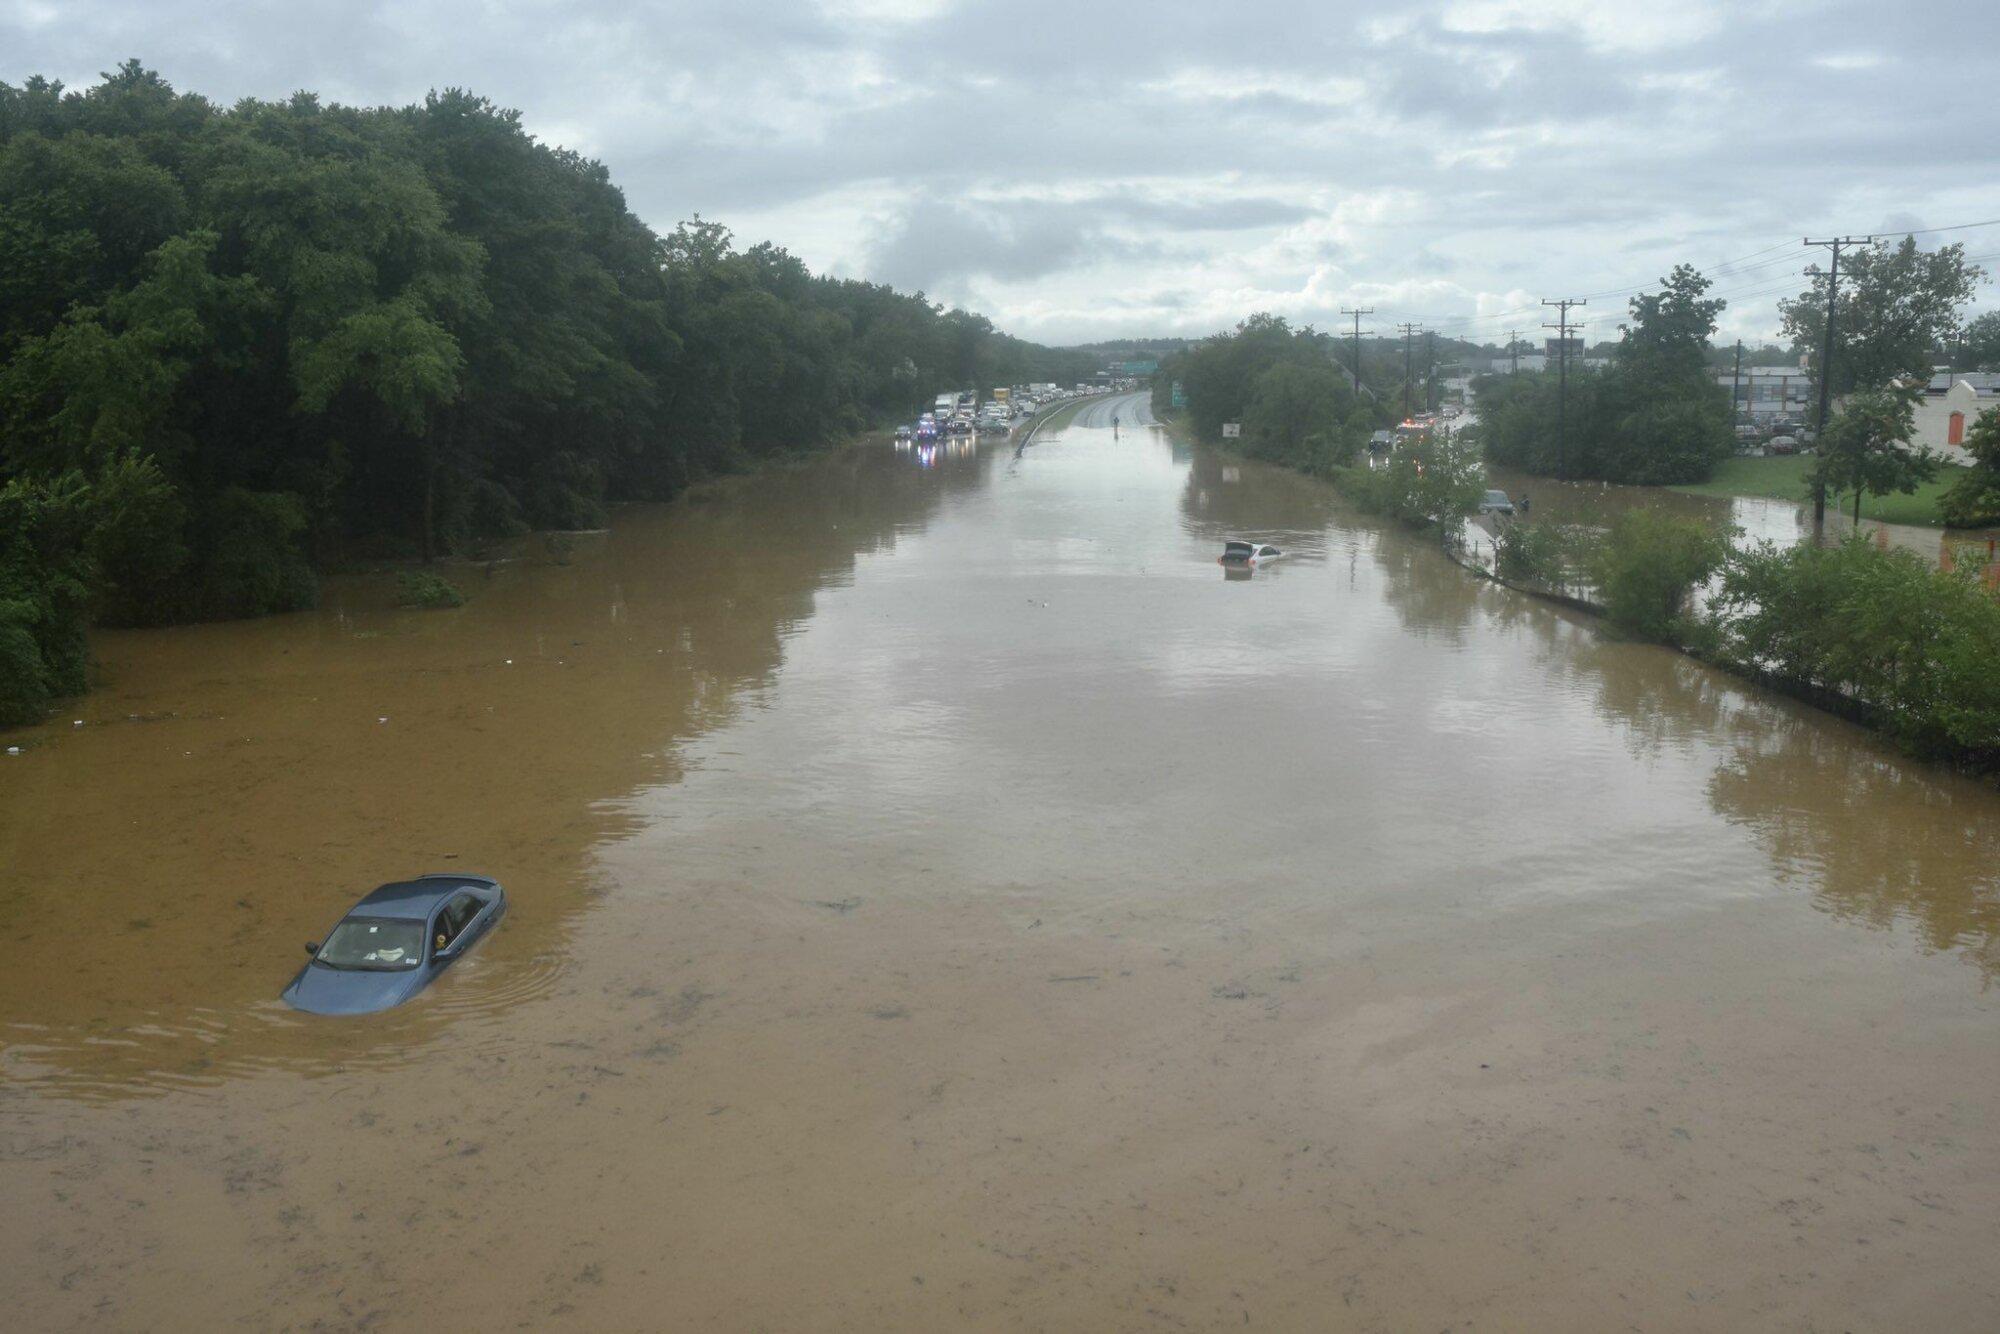 Ливни затопили часть штата Вашингтон, Мэриленд и Вирджинию (фото) - фото 3